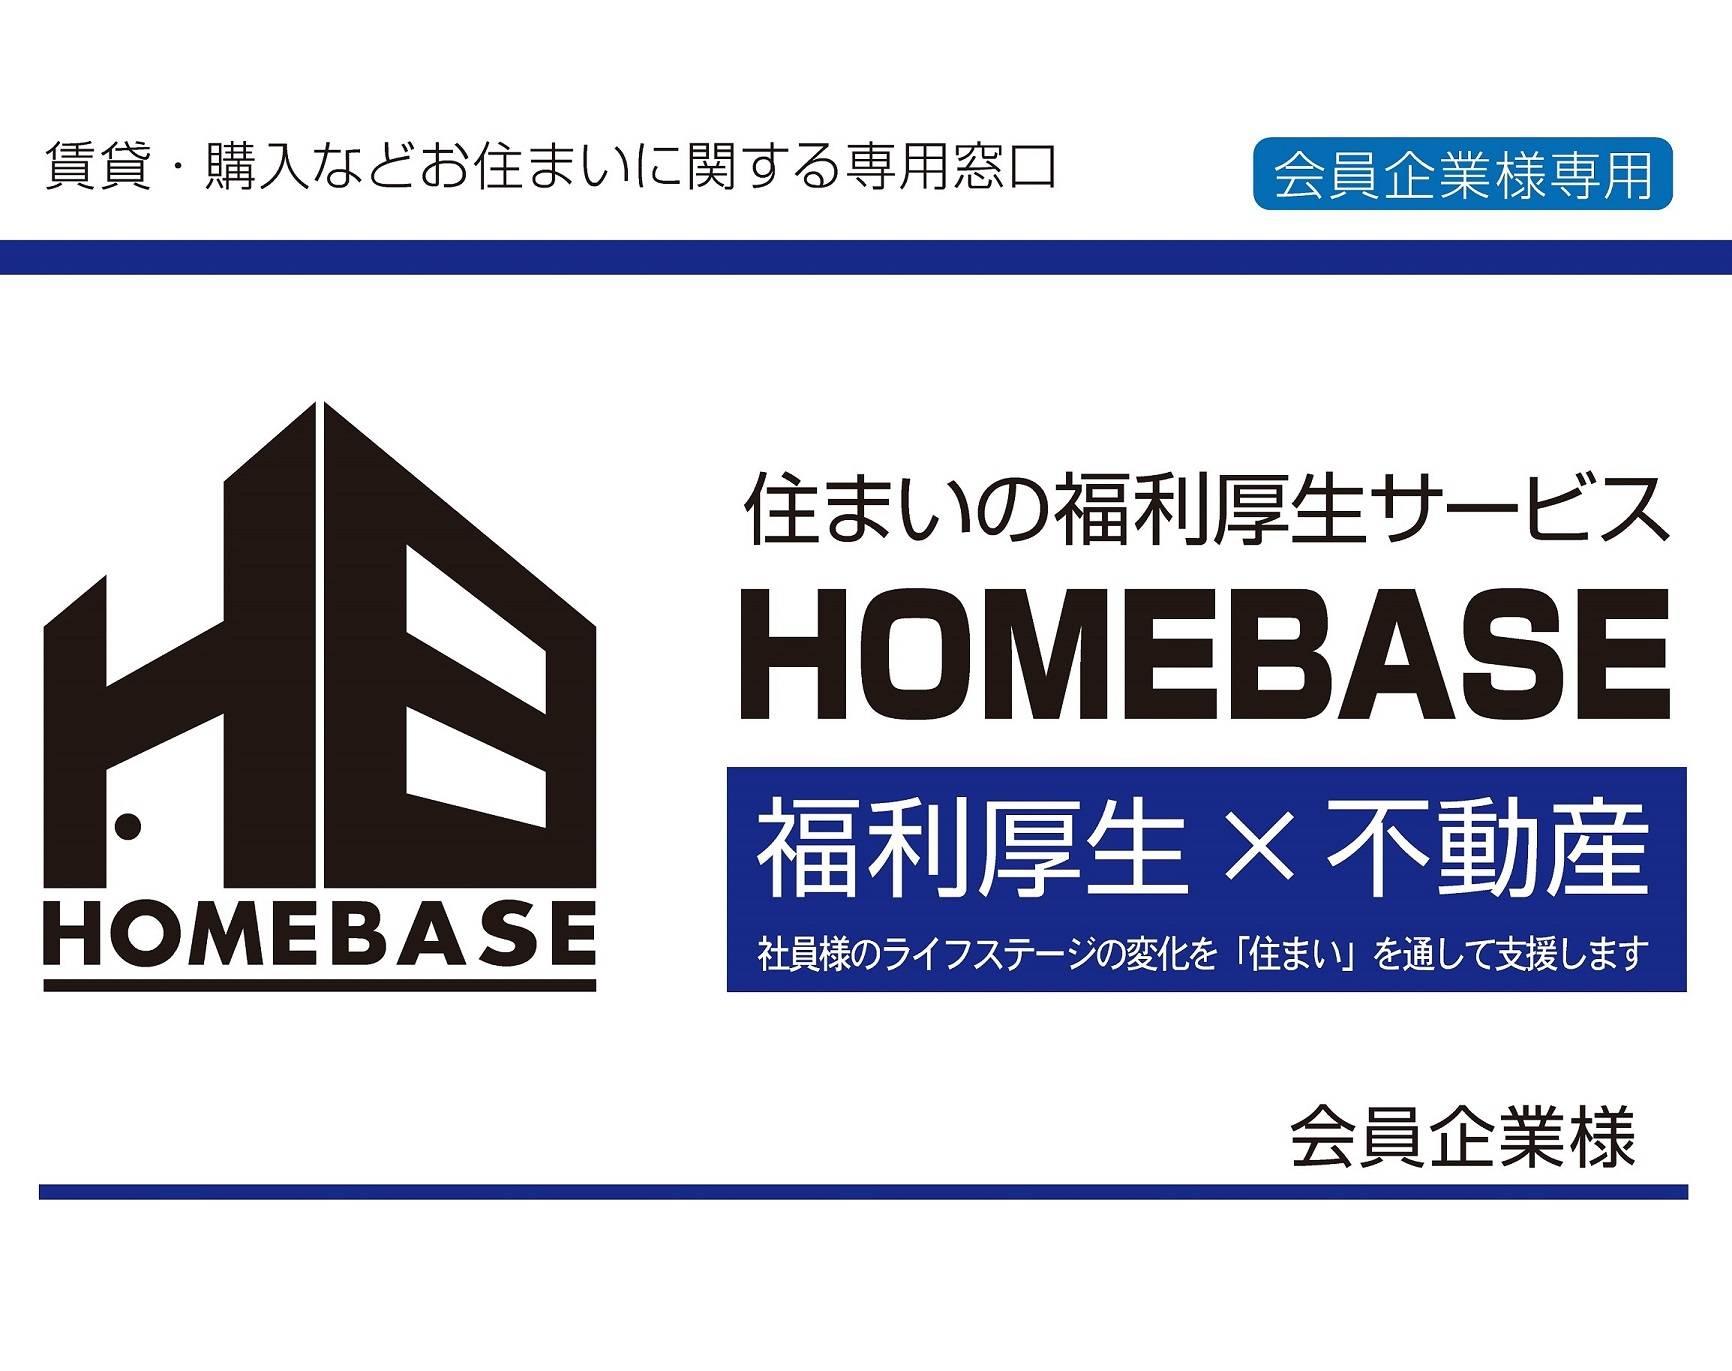 株式会社worth style home(ワーススタイルホーム)